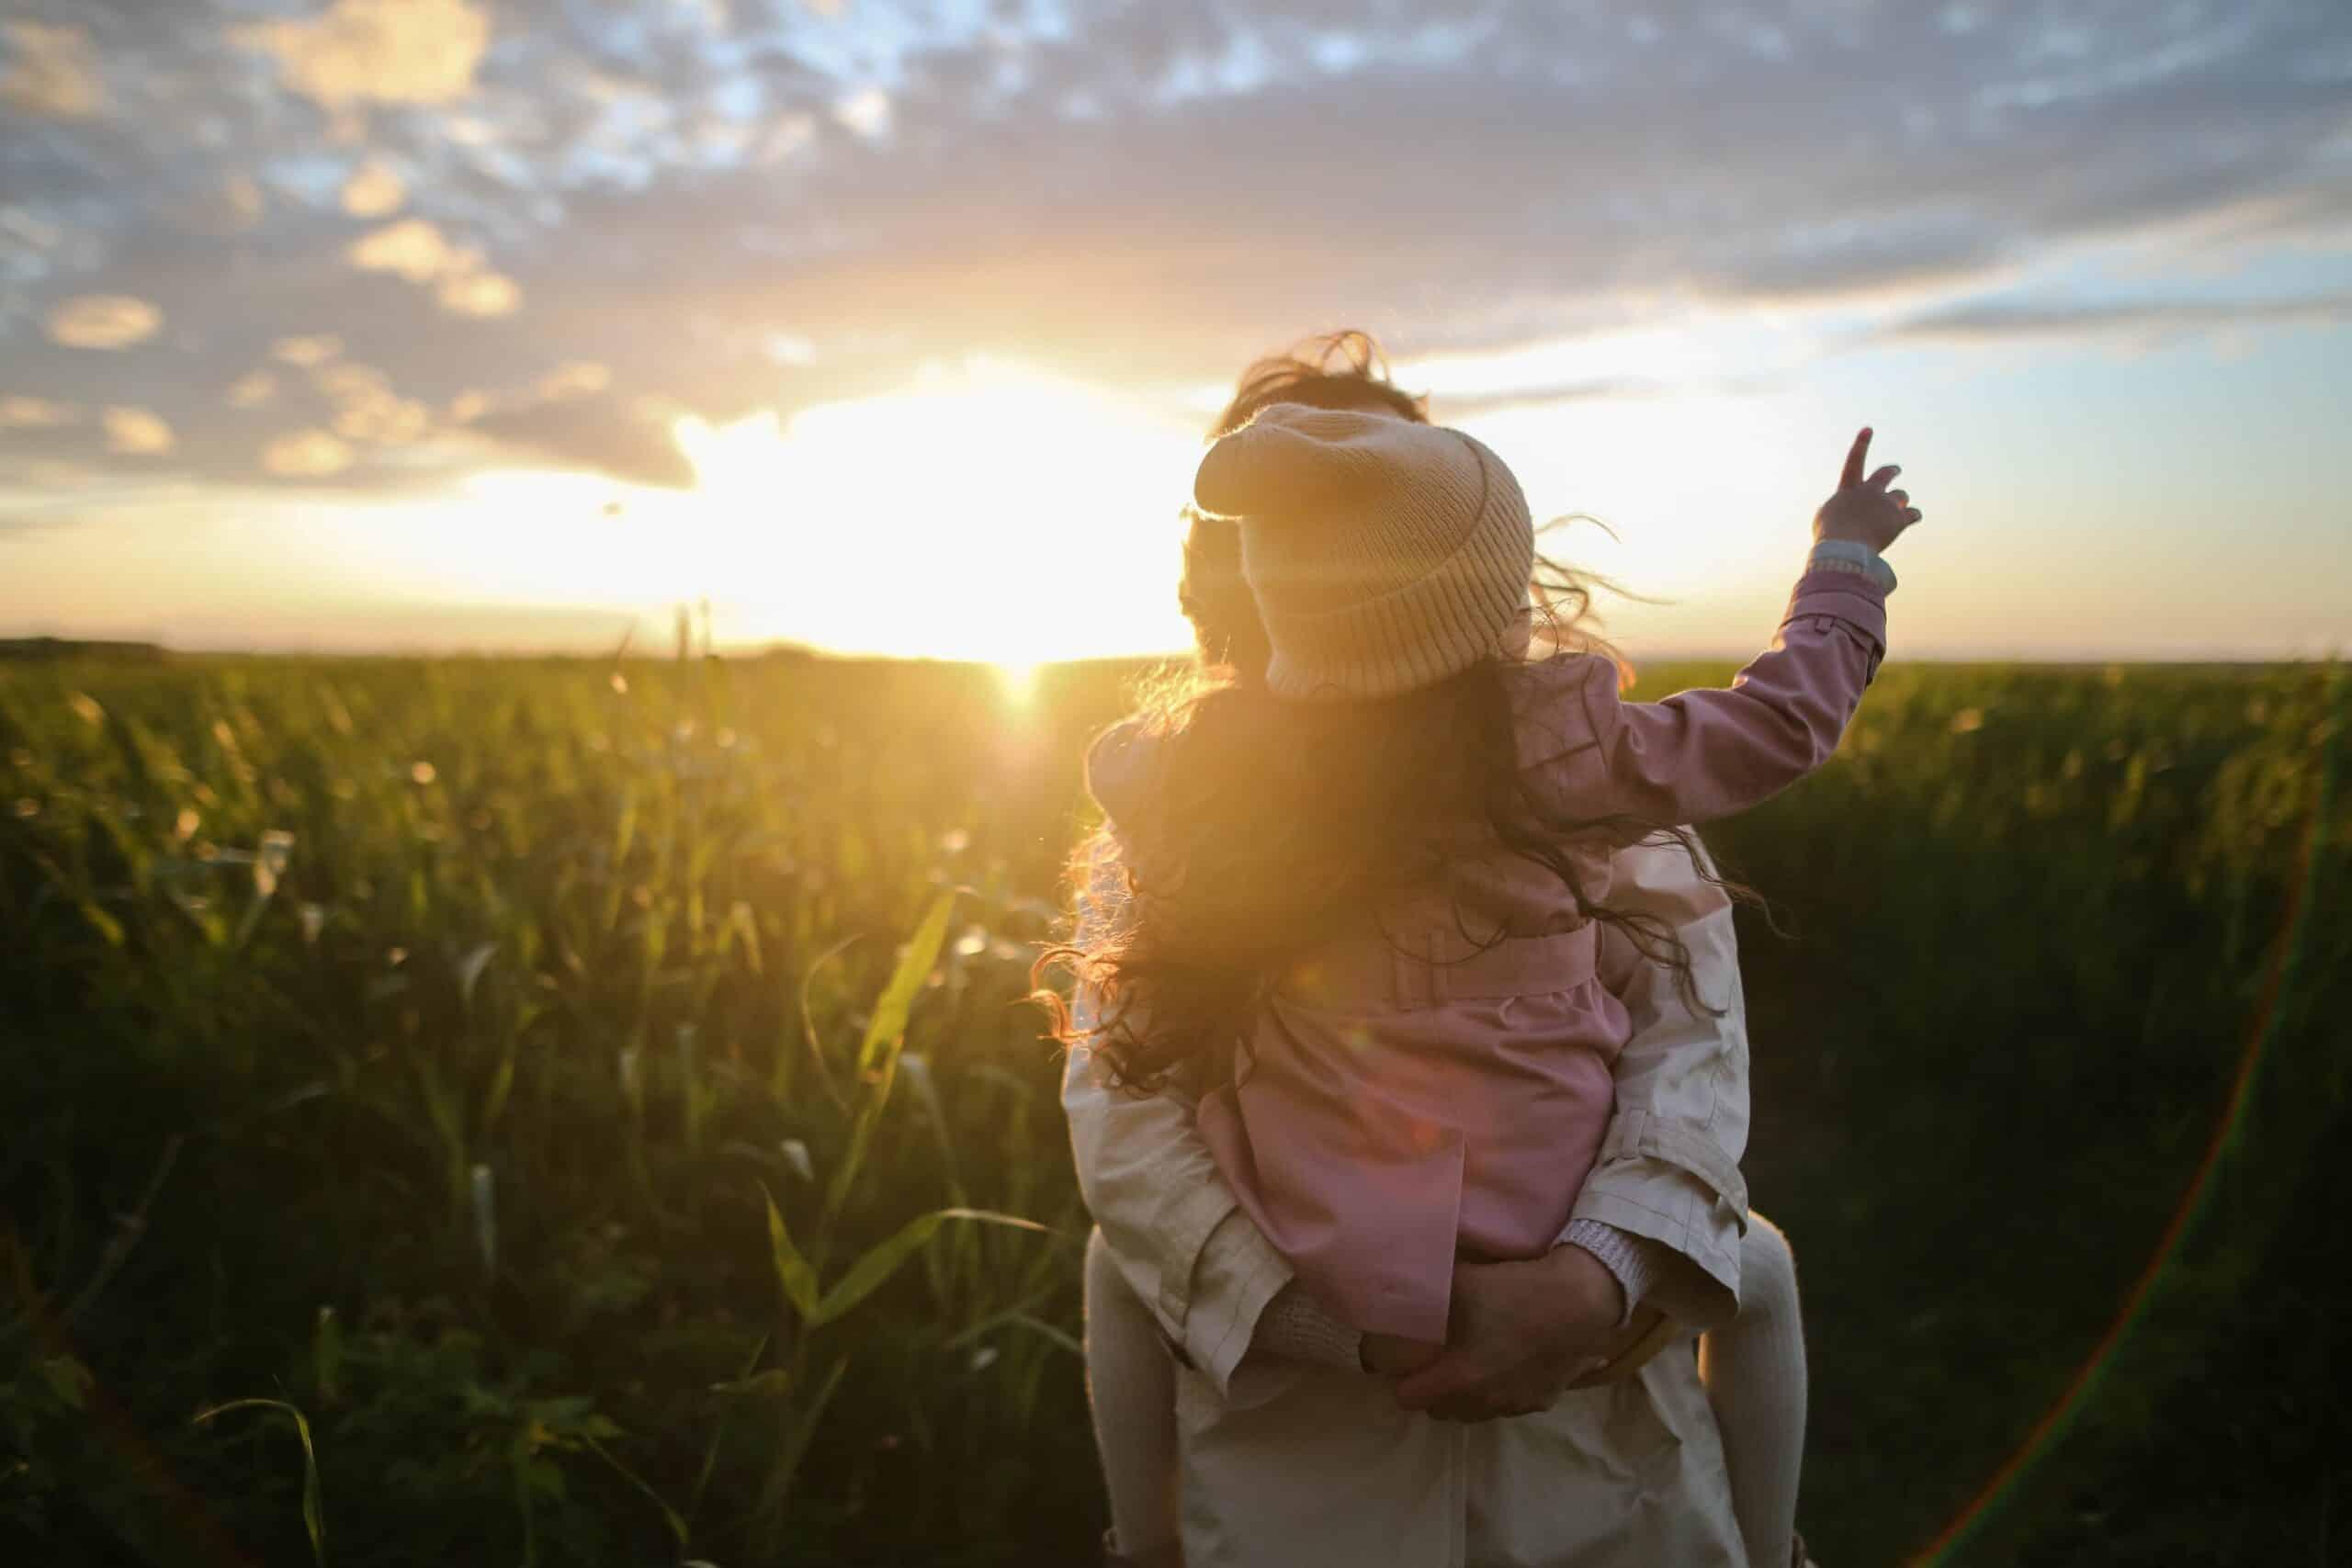 μητροτητα, μυθοι και αληθειες